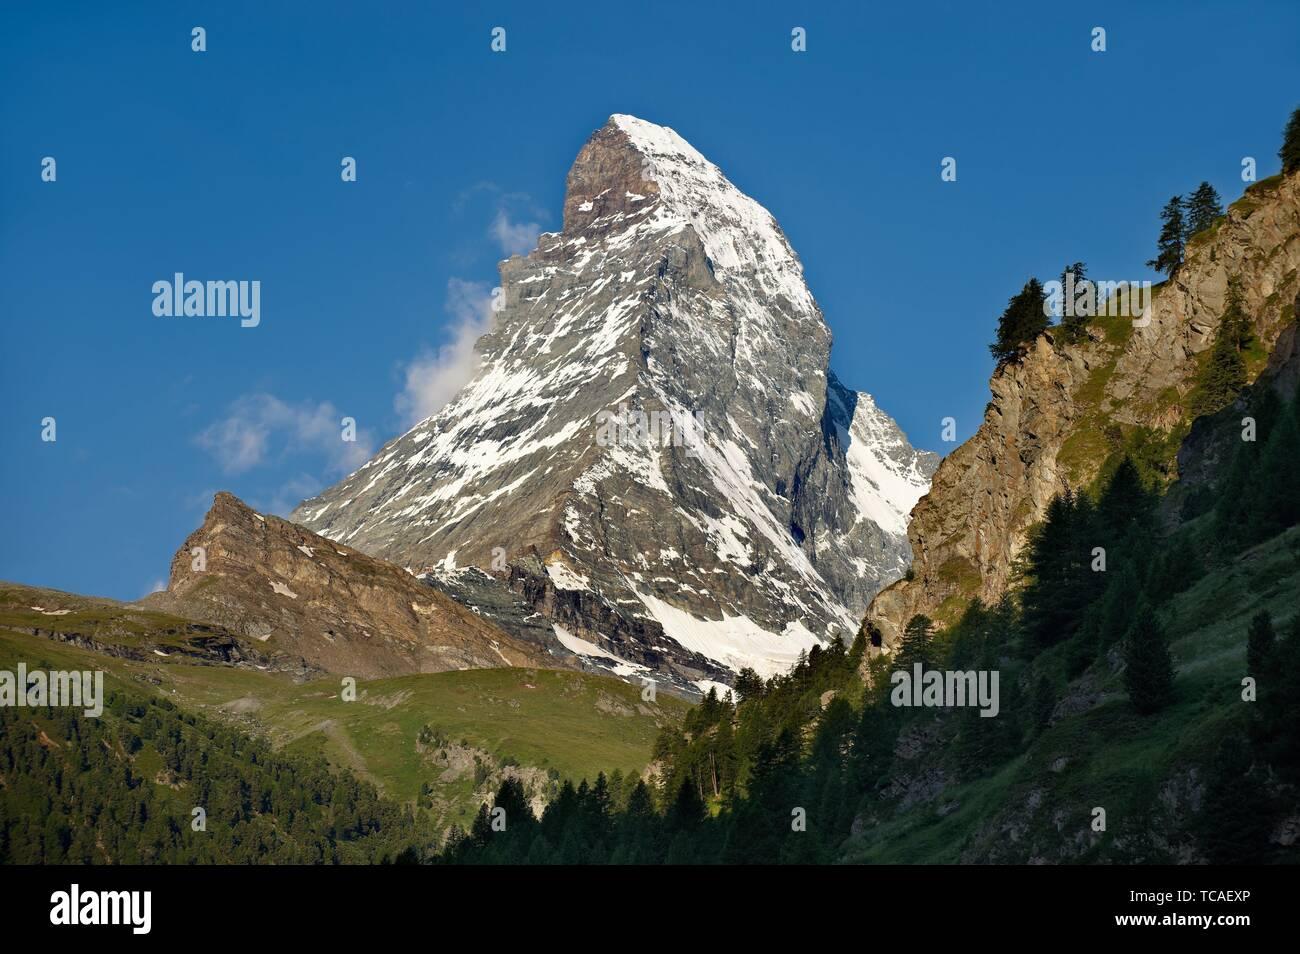 Le Mont Cervin ou Monte Cervino pic de montagne, Zermatt, Suisse. Banque D'Images